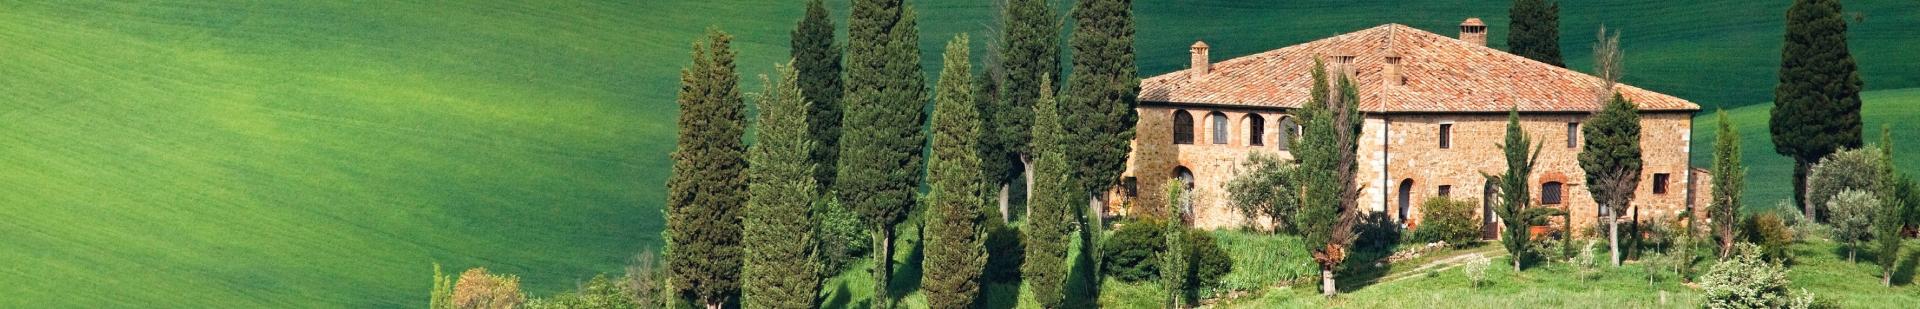 Orta İtalya